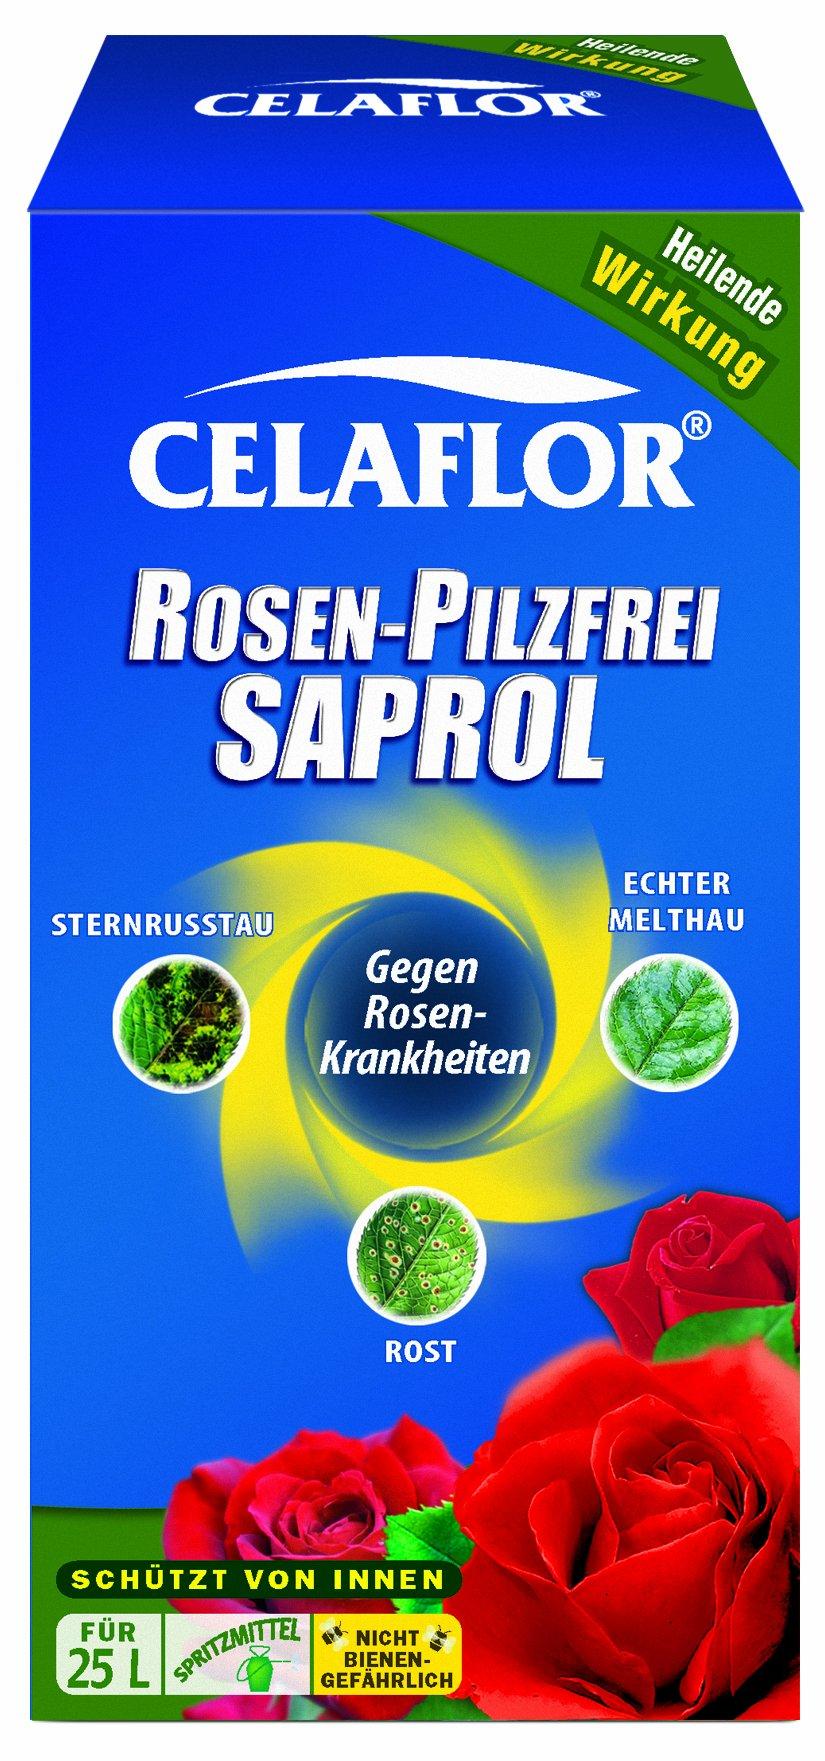 Celaflor Rosen-Pilzfrei Saprol, 250 ml product image